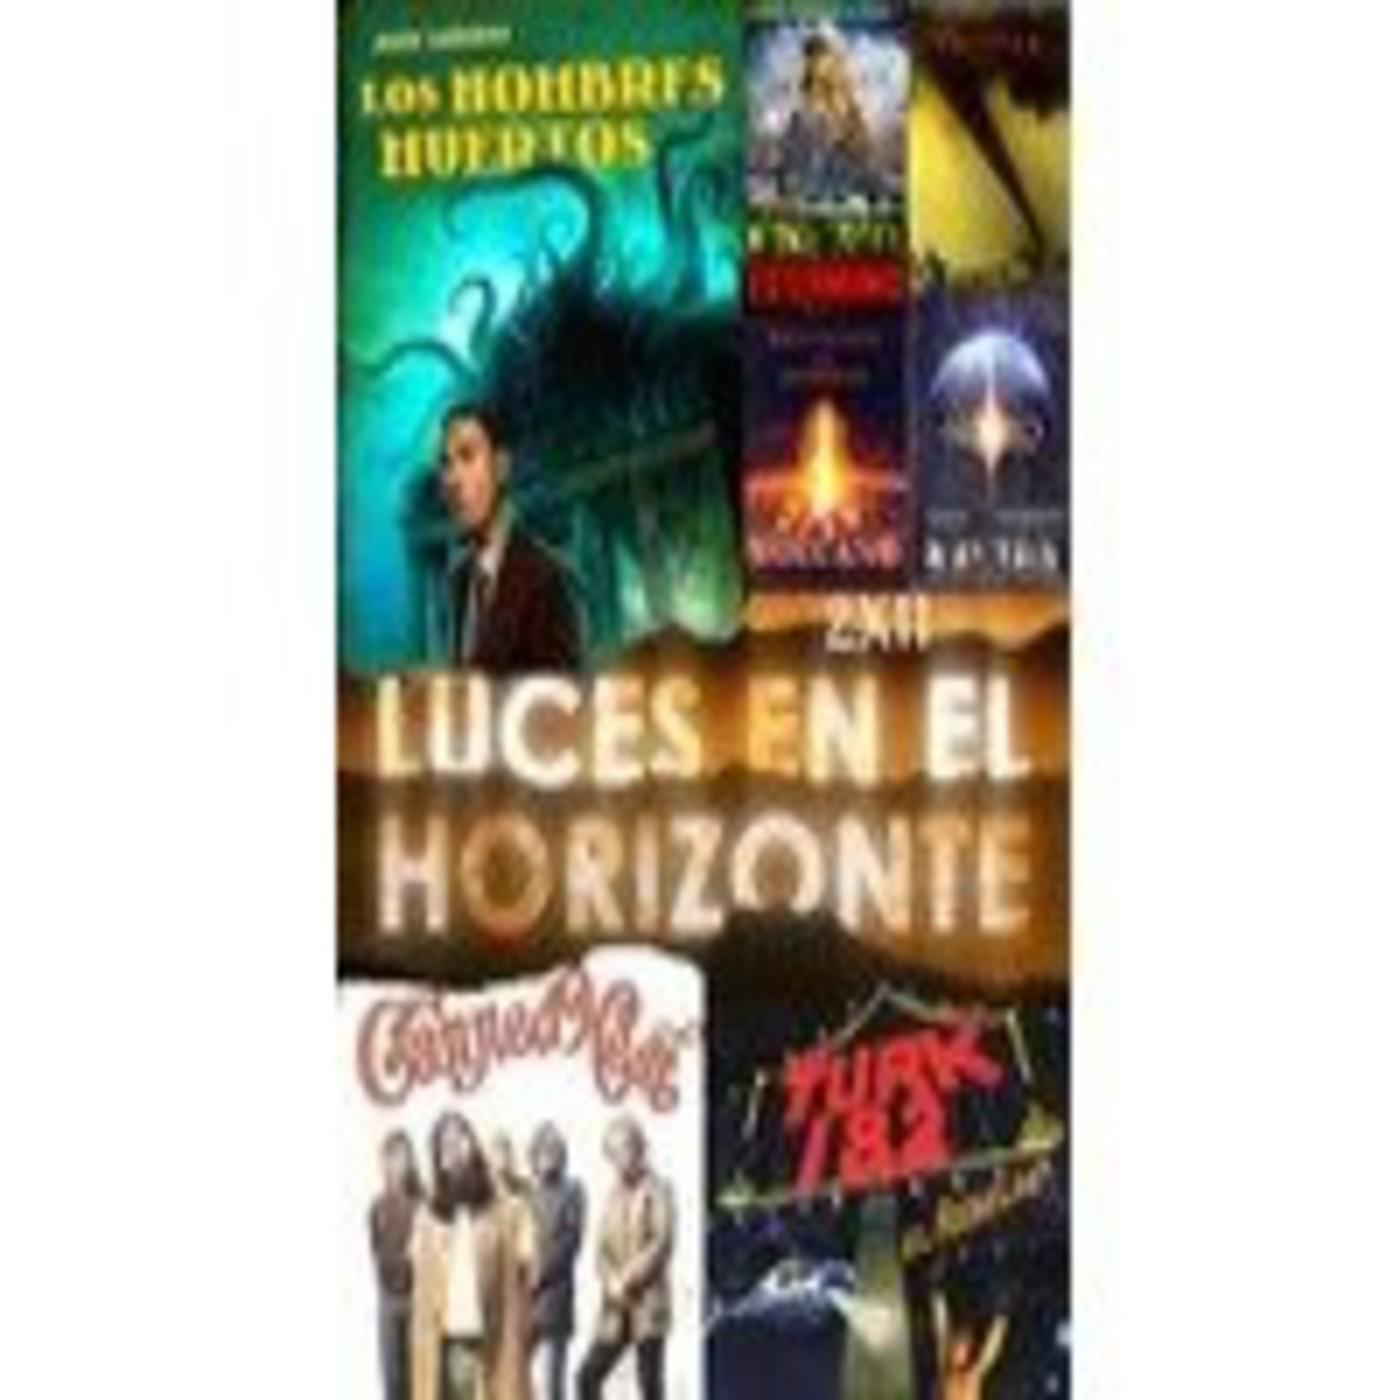 Luces en el Horizonte 2X11-Turk 182, Canned Heat, Jesús Cañadas y Los nombres muertos, Catástrofes: Exterminio, Twister